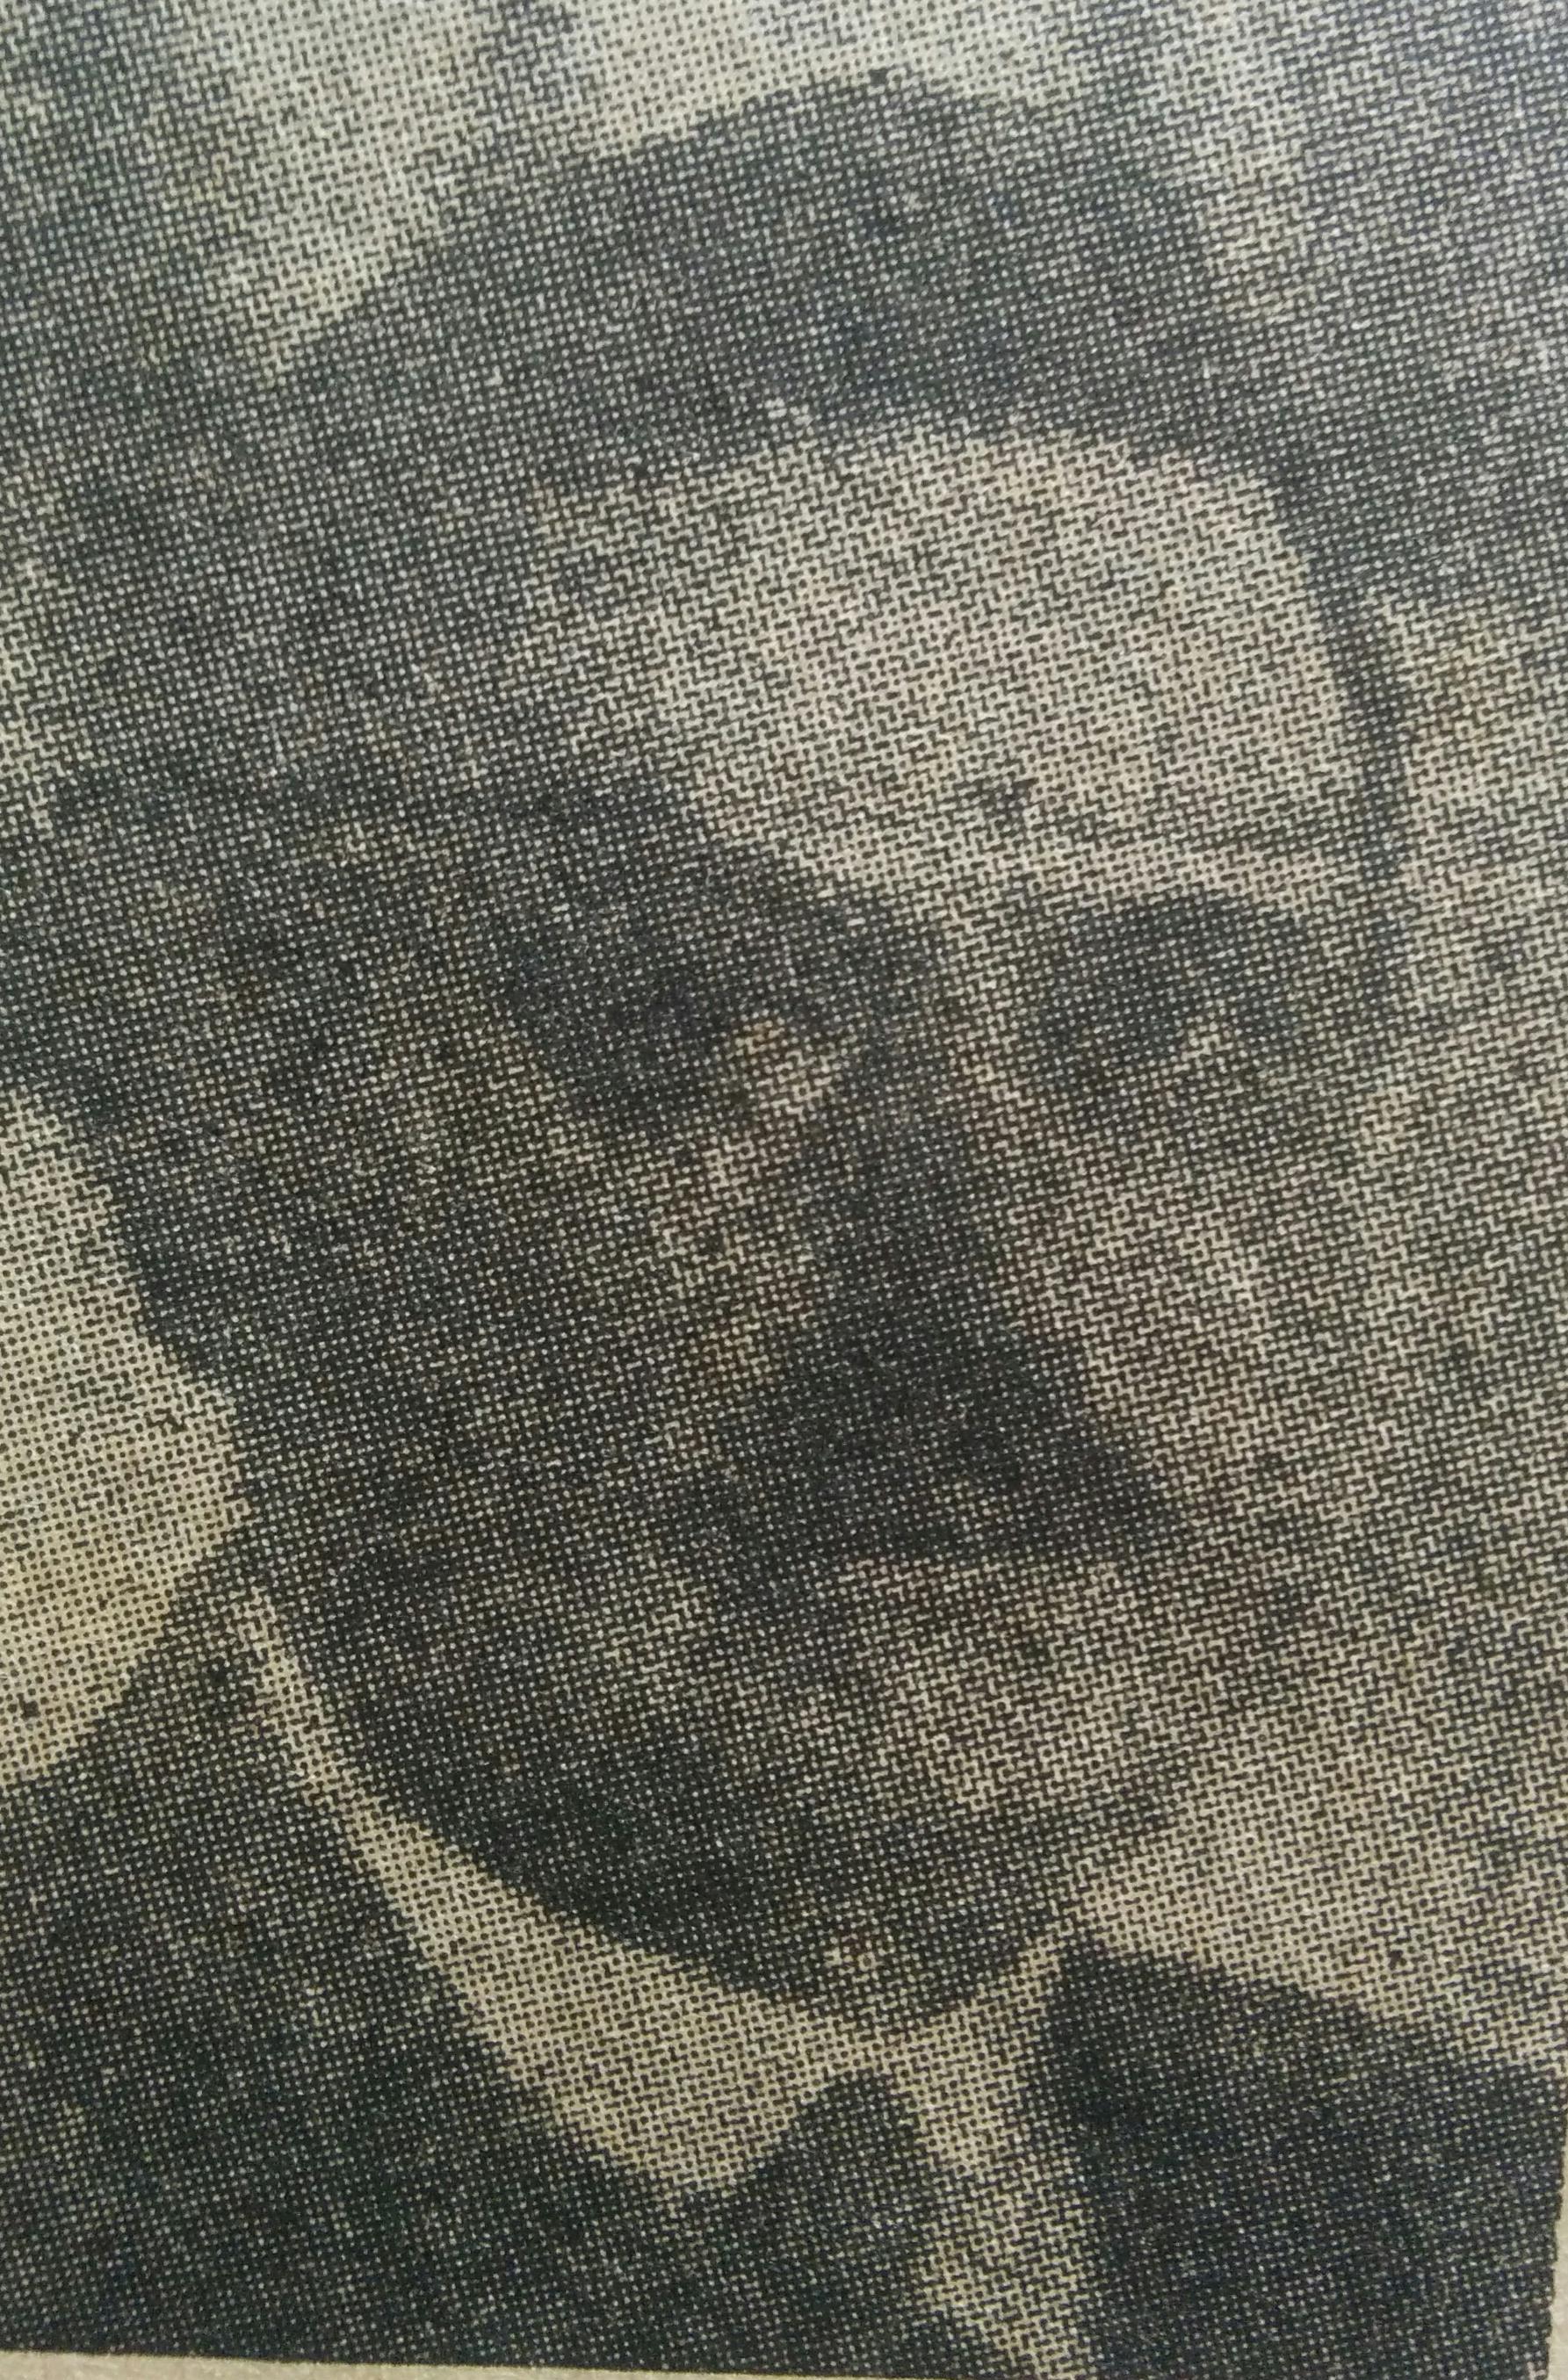 Dr. José León Suarez (1872-1929).